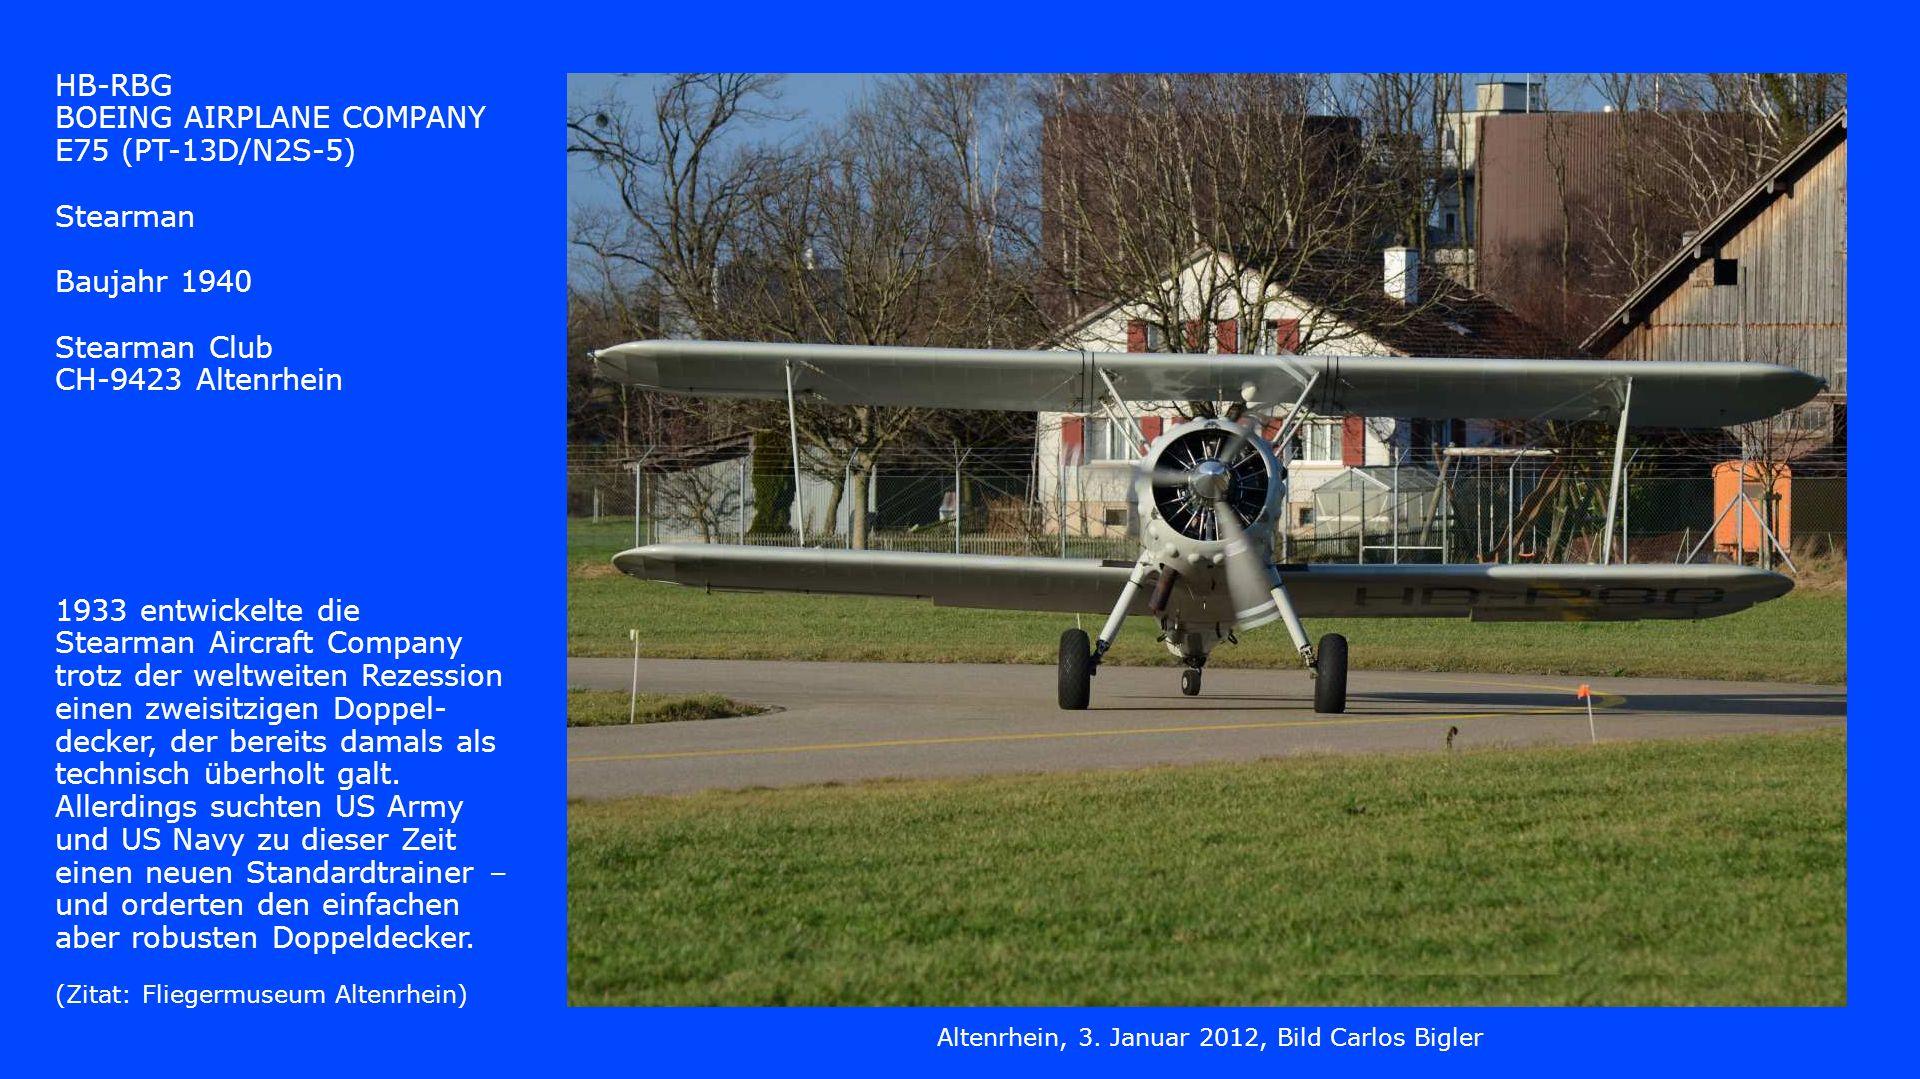 Altenrhein, 3. Januar 2012, Bild Carlos Bigler